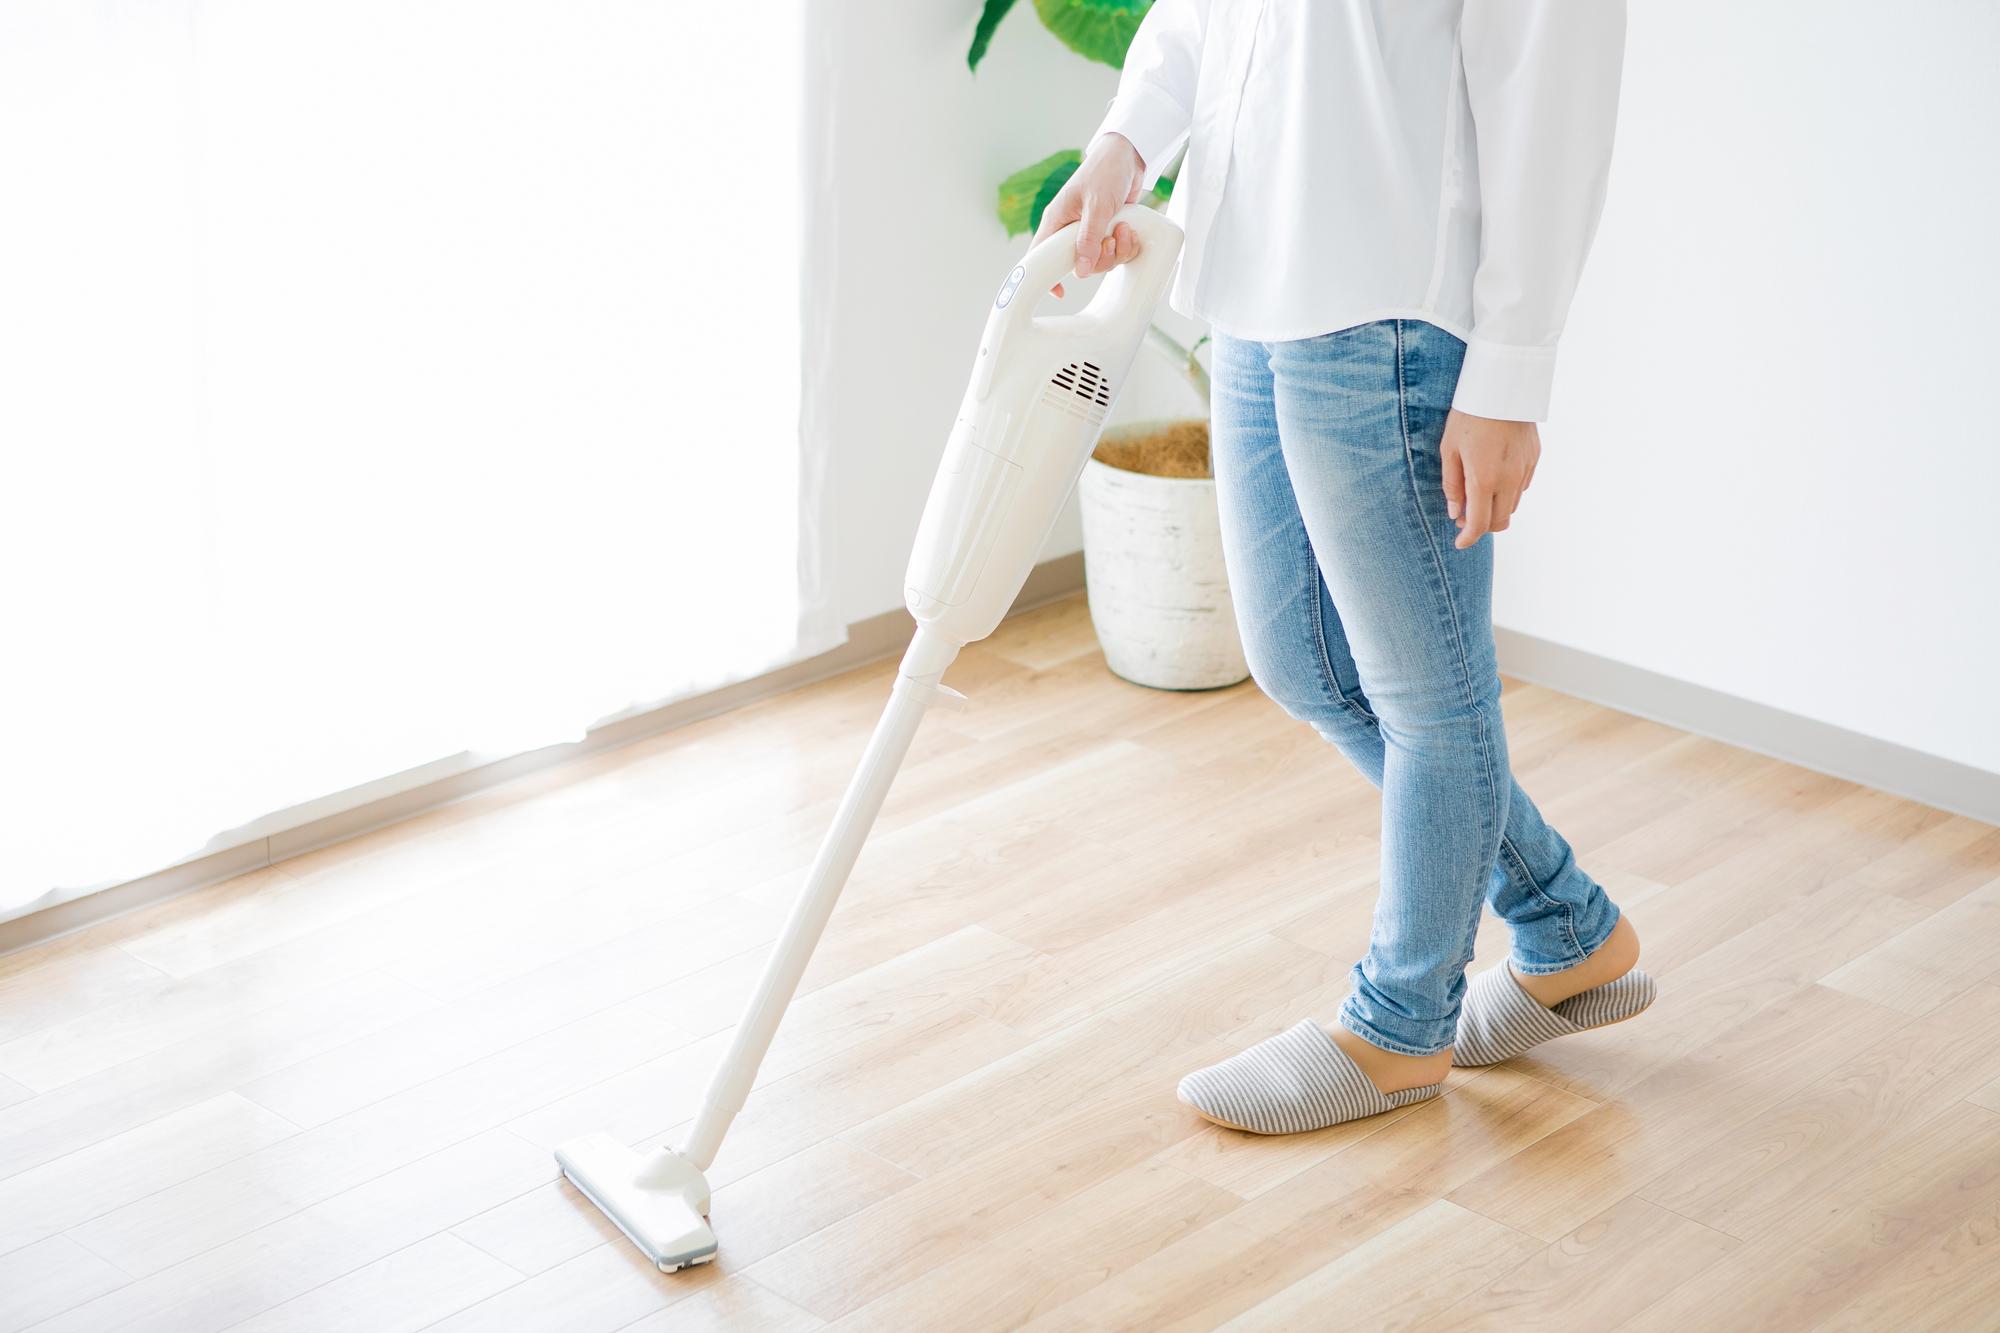 新居の掃除をする女性